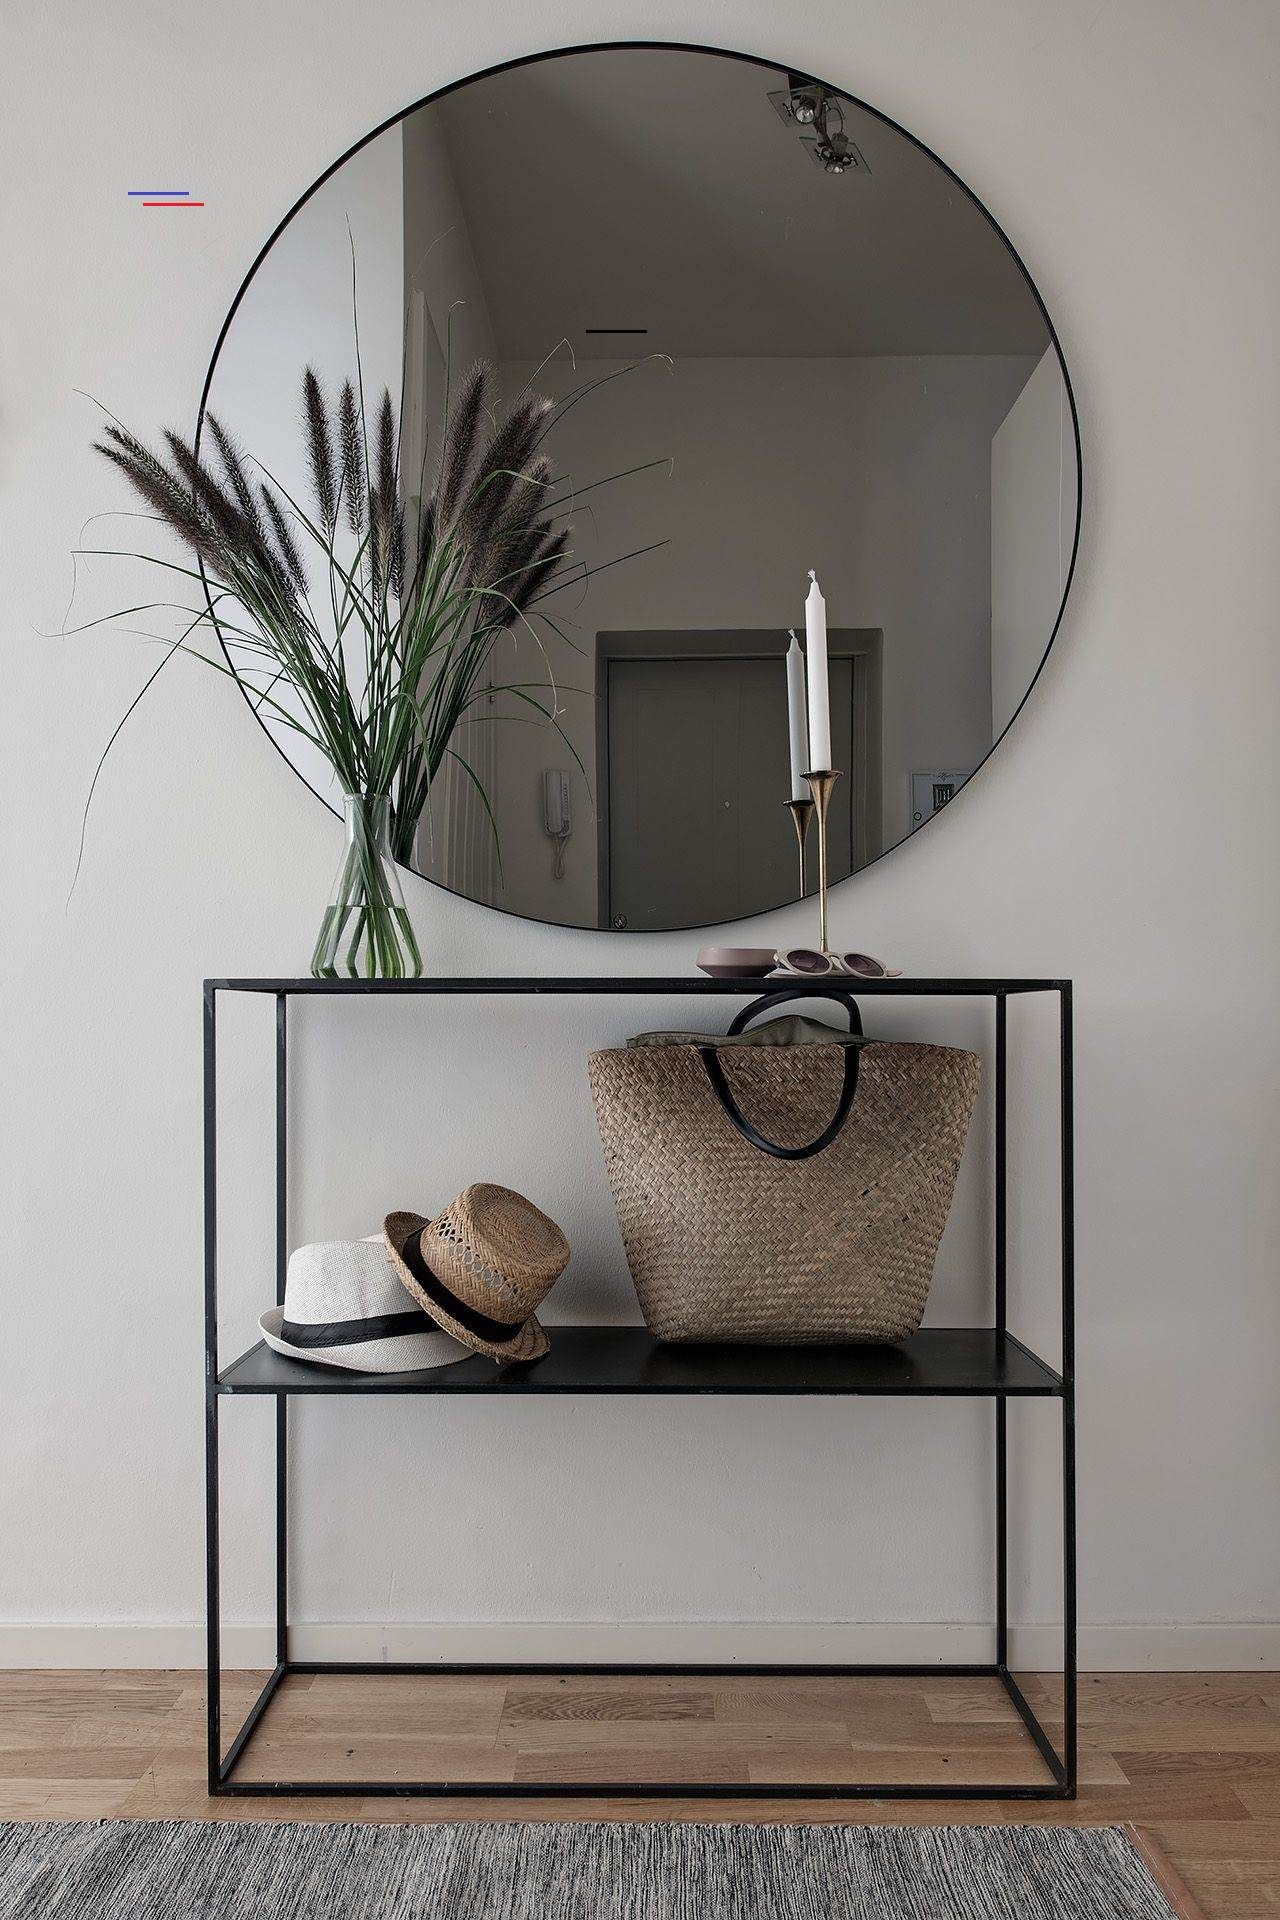 The Sweet Home Make Online Home Decor Store And Skulpturen Kaufen In 2020 Innenarchitektur Wohnzimmer Skandinavisch Wohnung Wohnzimmer Design